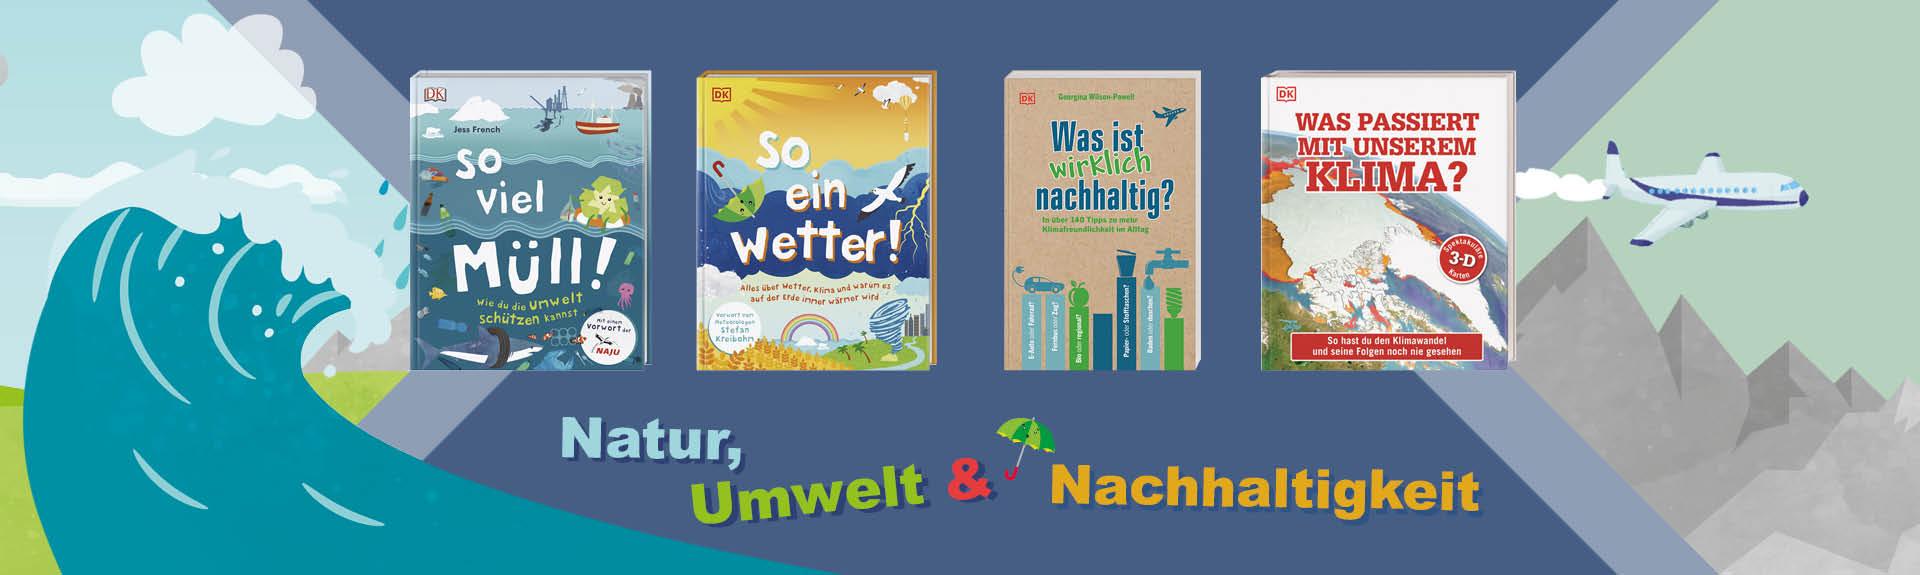 Bücher zum Thema Natur, Umwelt und Nachhaltigkeit